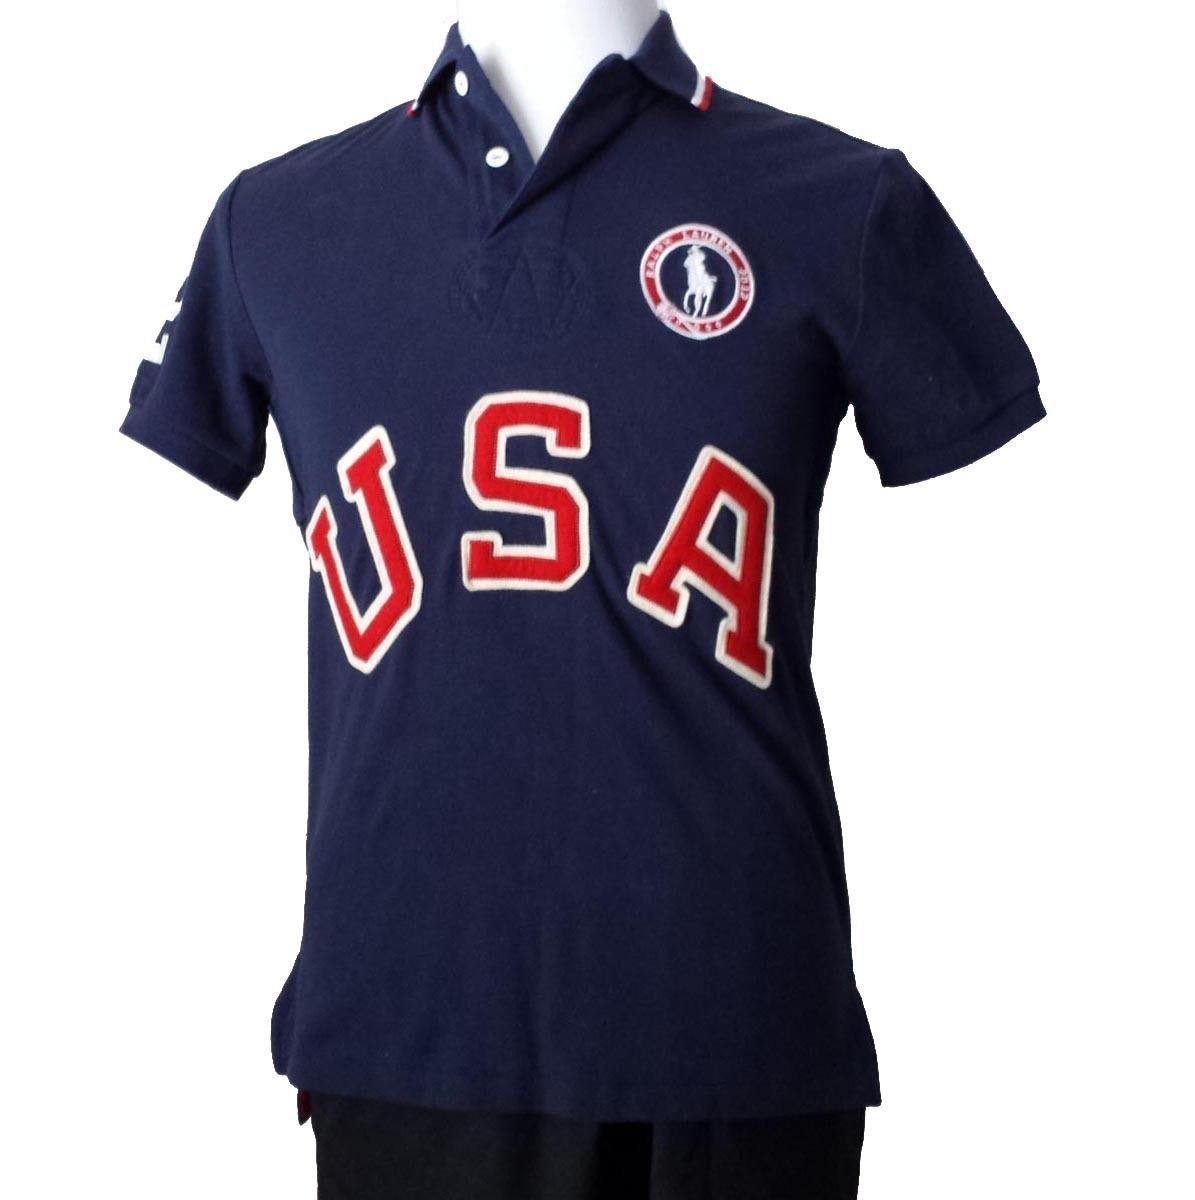 #men shirt POLO Ralph Lauren Men\u0027s POLO shirt Size M Navy Blue cotton USA  under